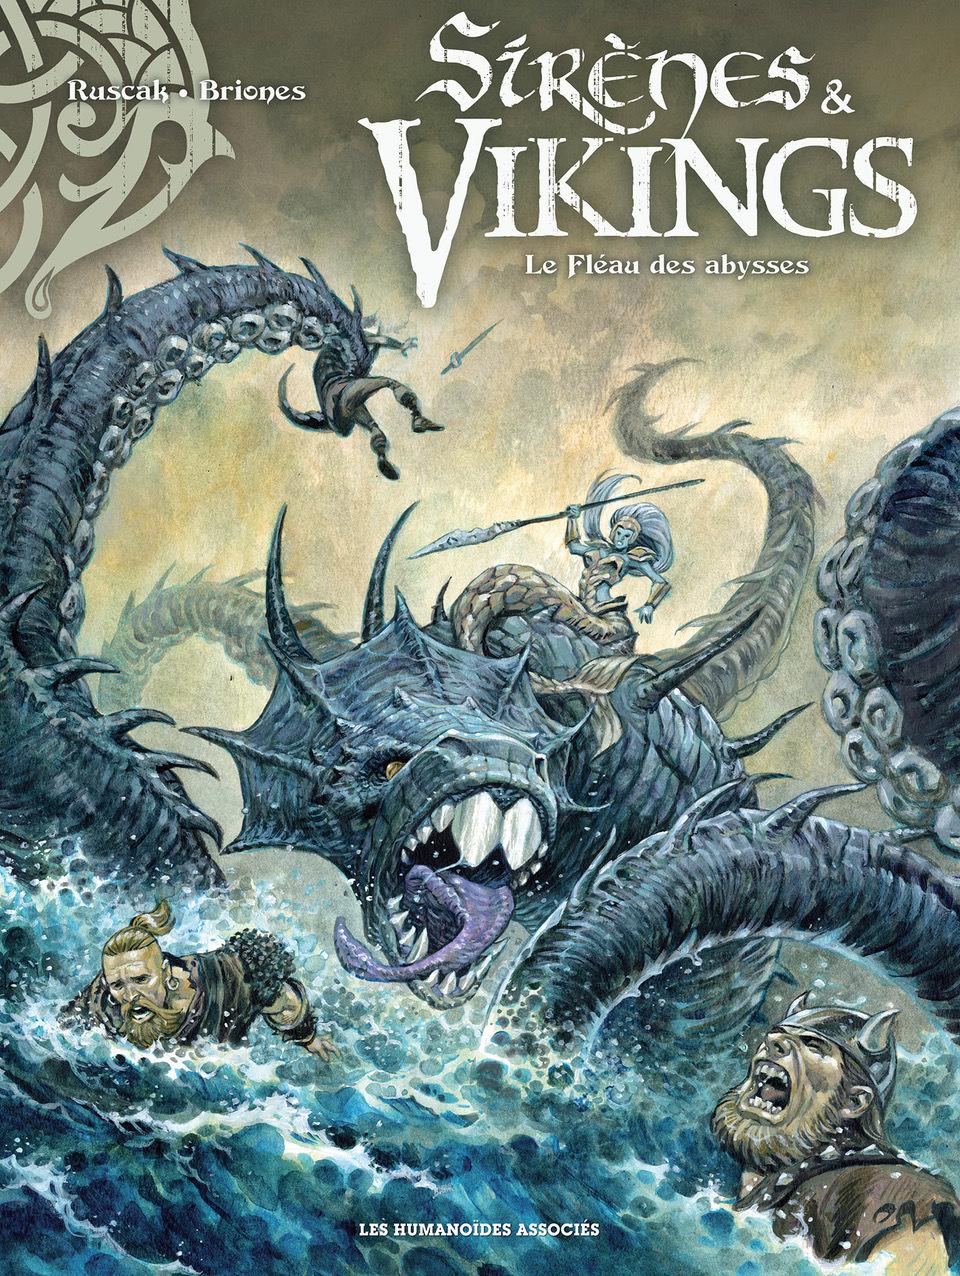 sirenes-vikings-1